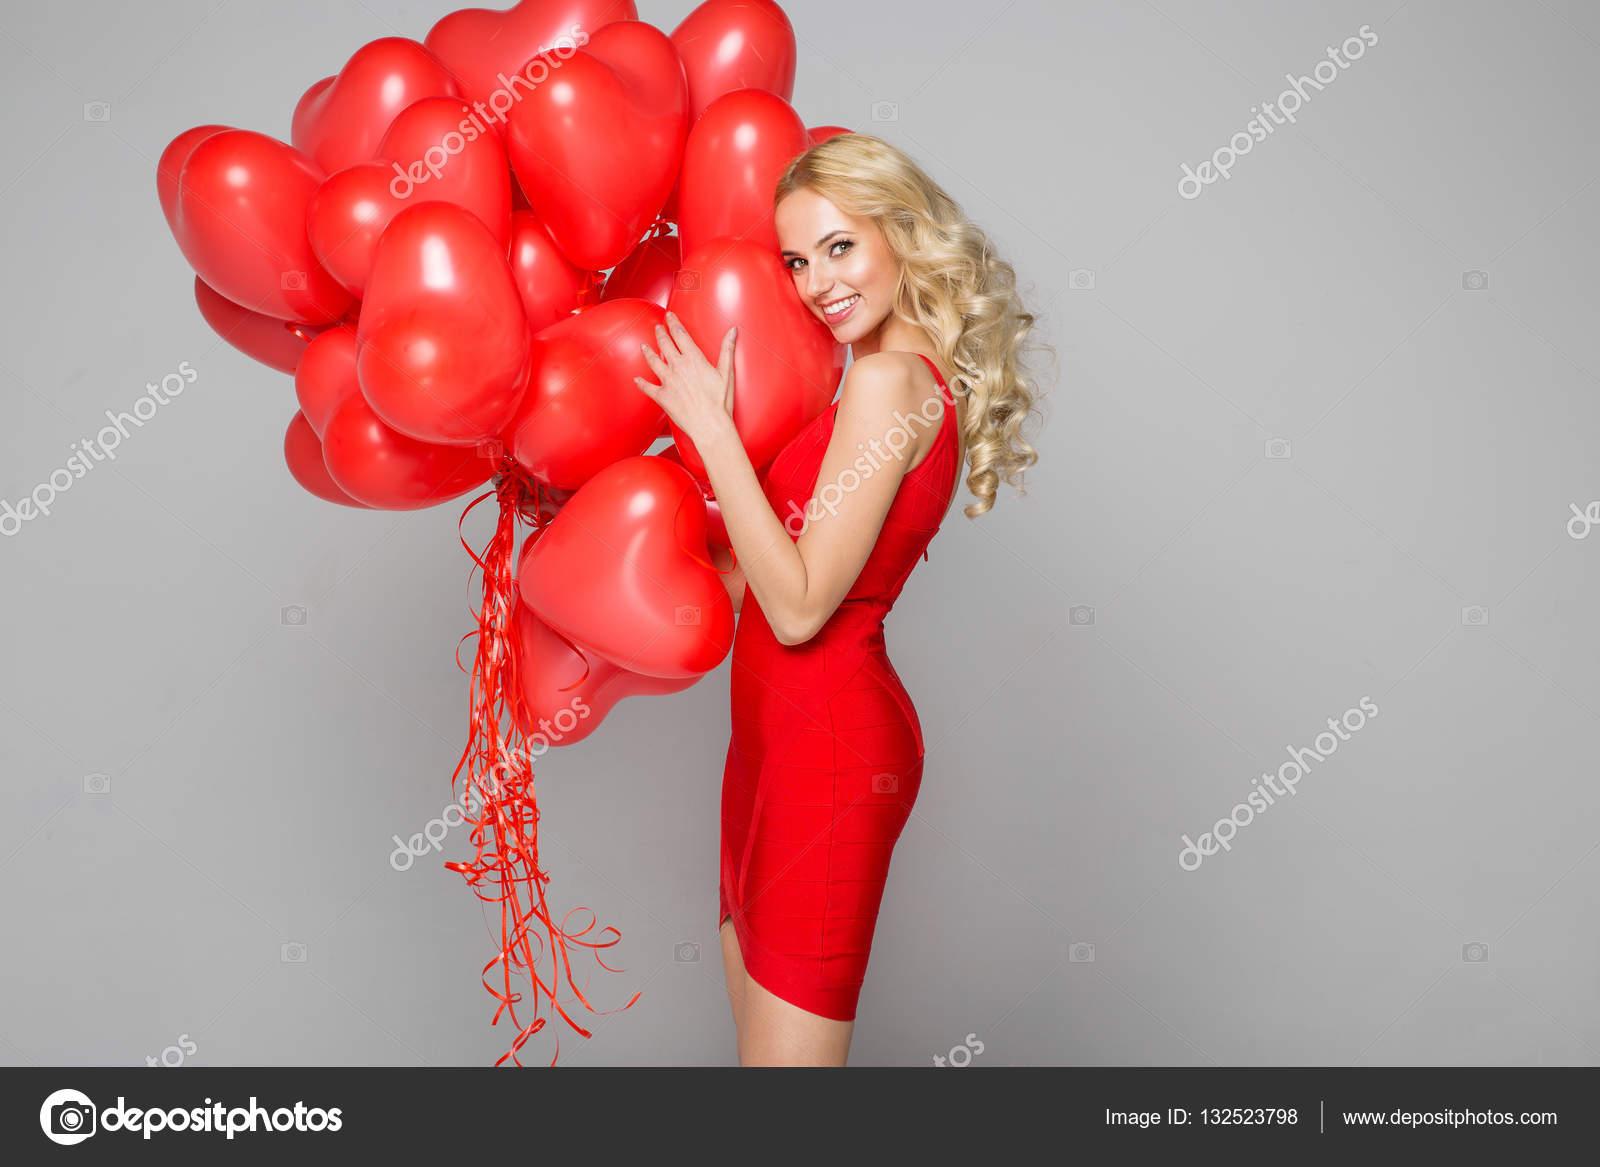 Красивое фото шарик и девушка